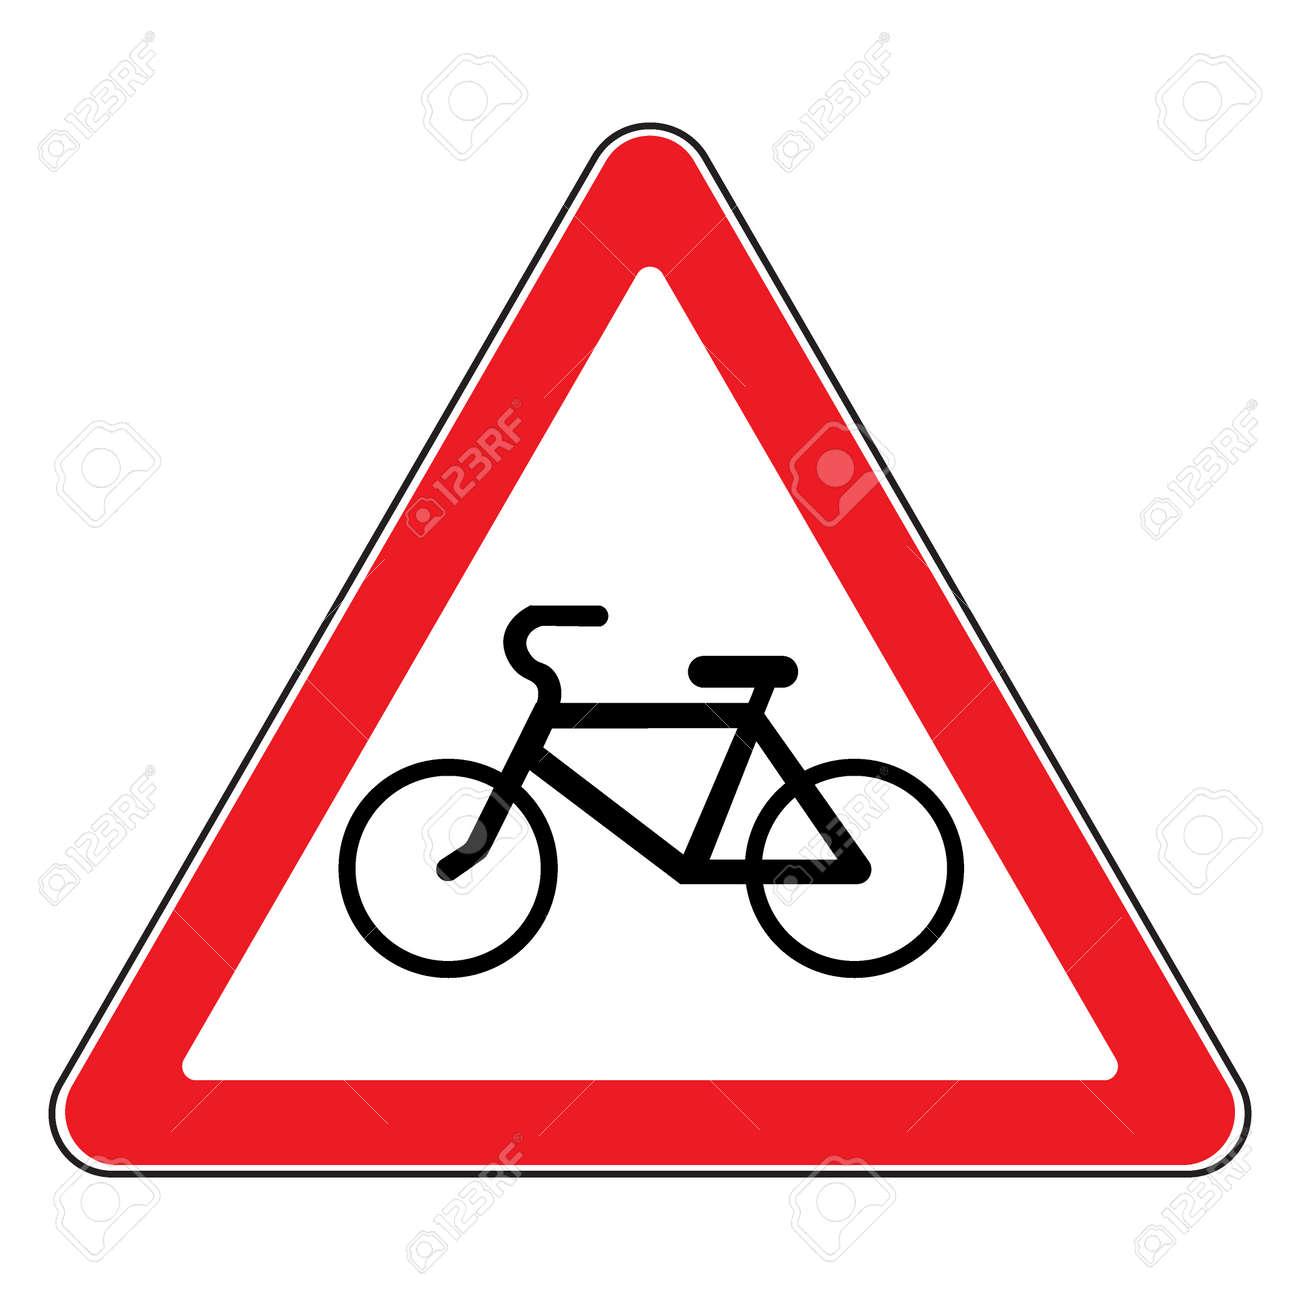 bicycle traffic sign warning